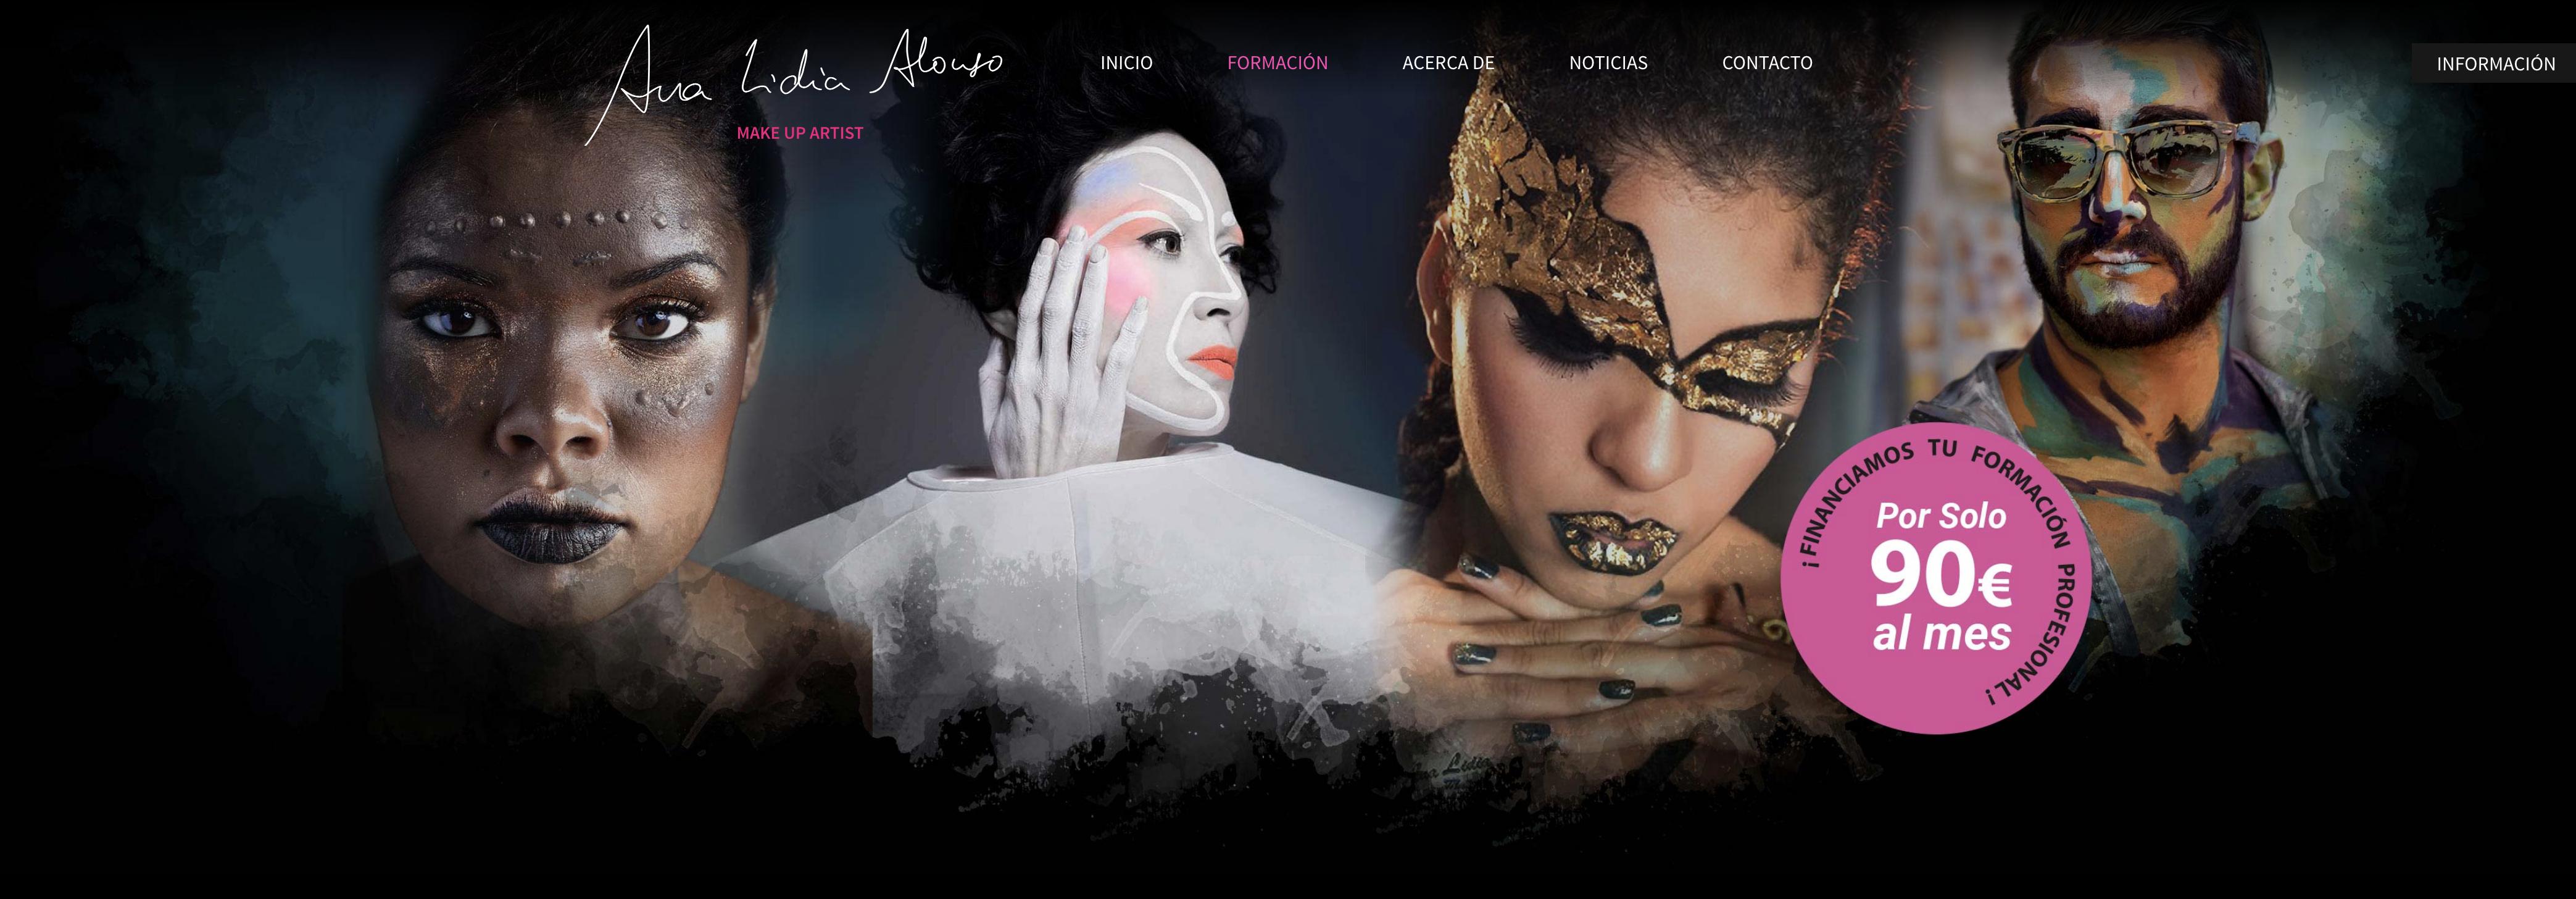 Cabecera de la web con distintos maquillajes